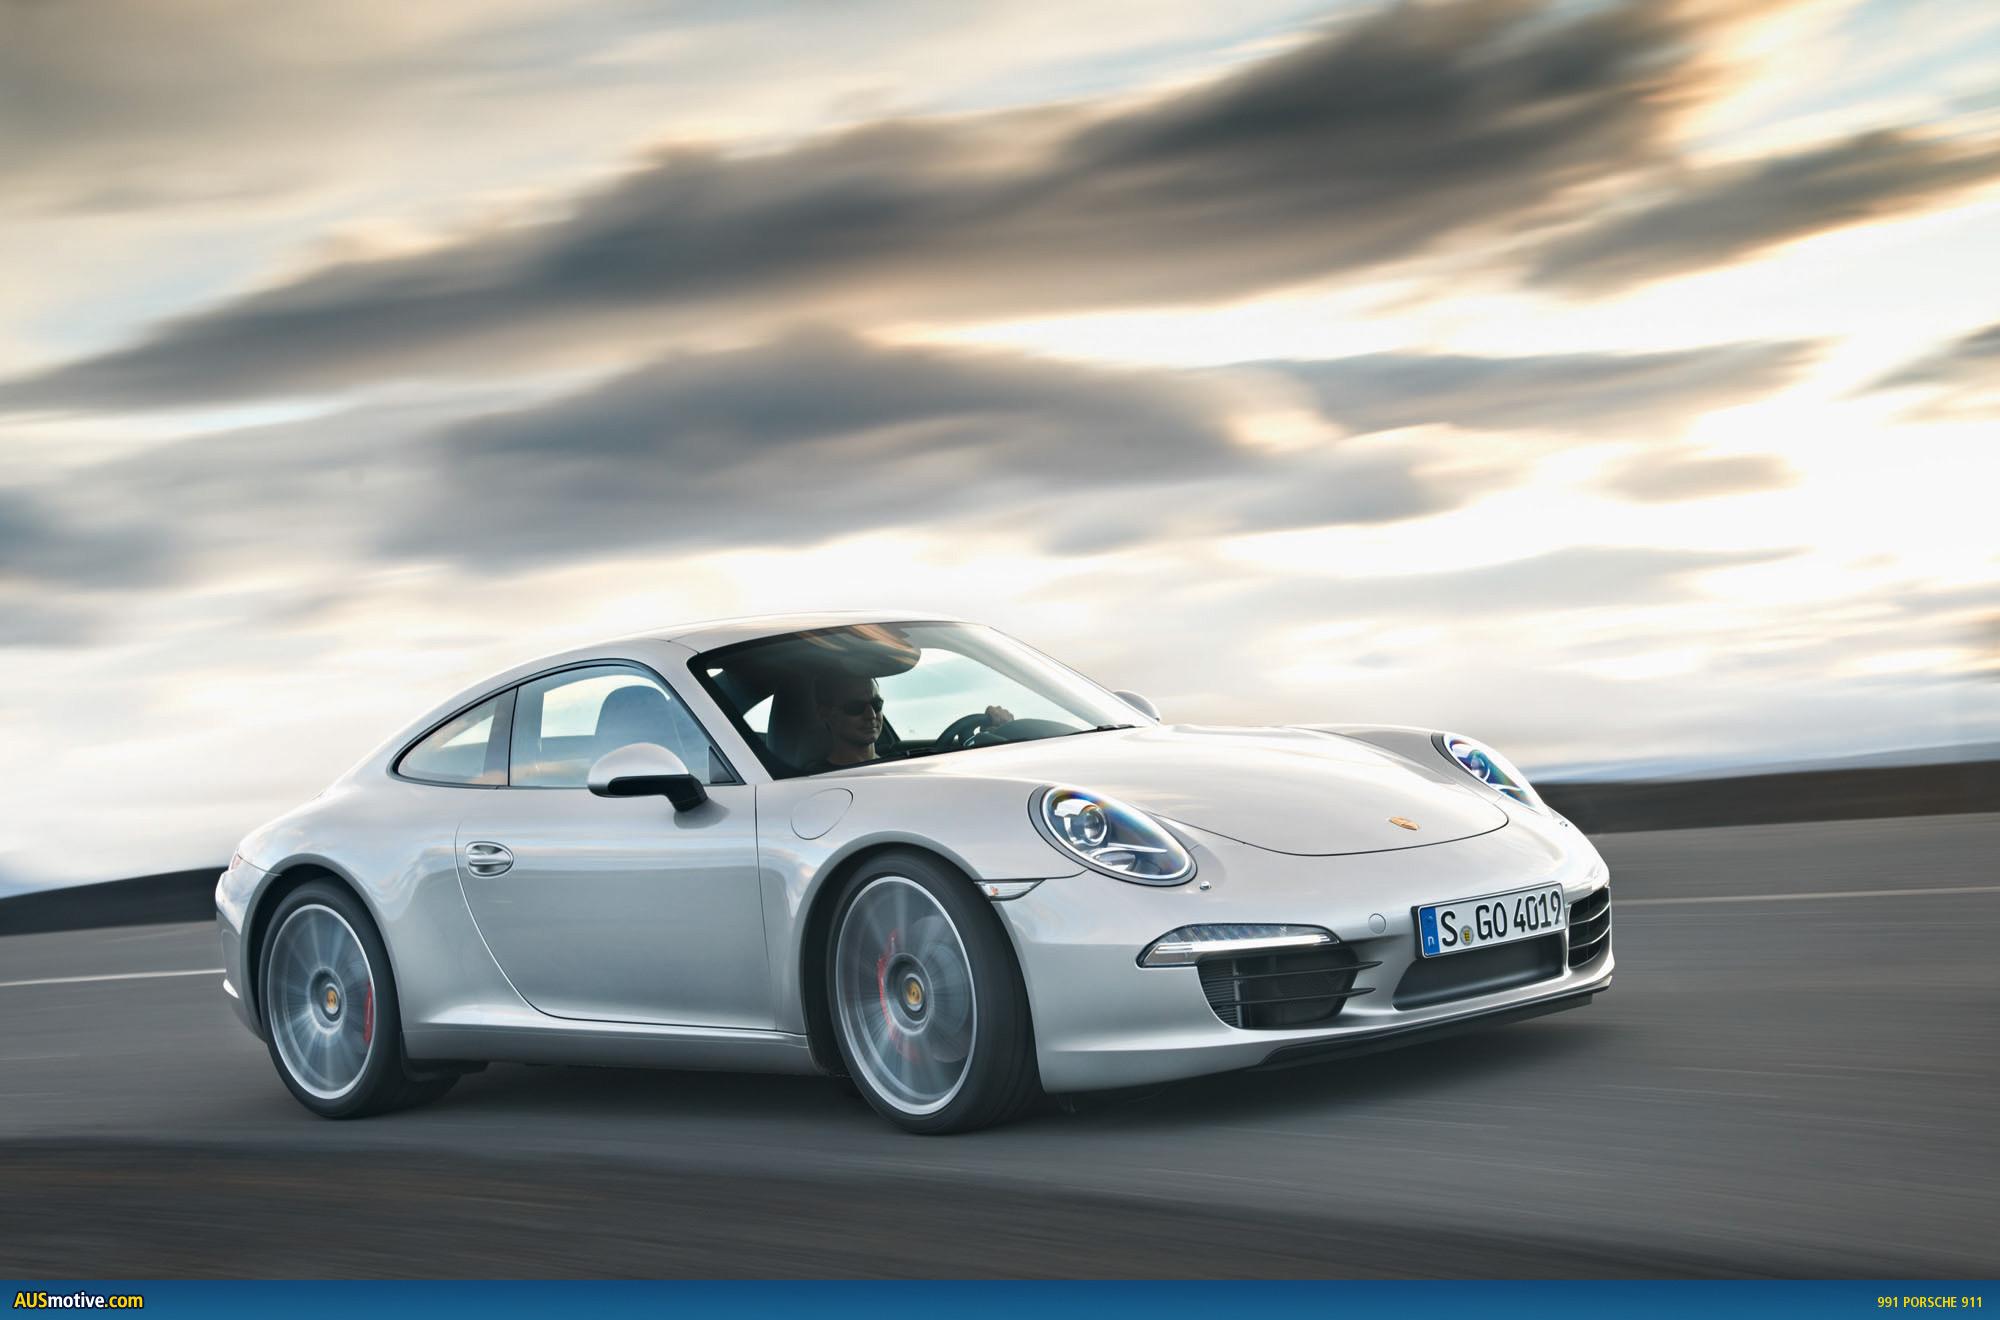 Ausmotivecom » 991 Porsche 911 Image Gallery